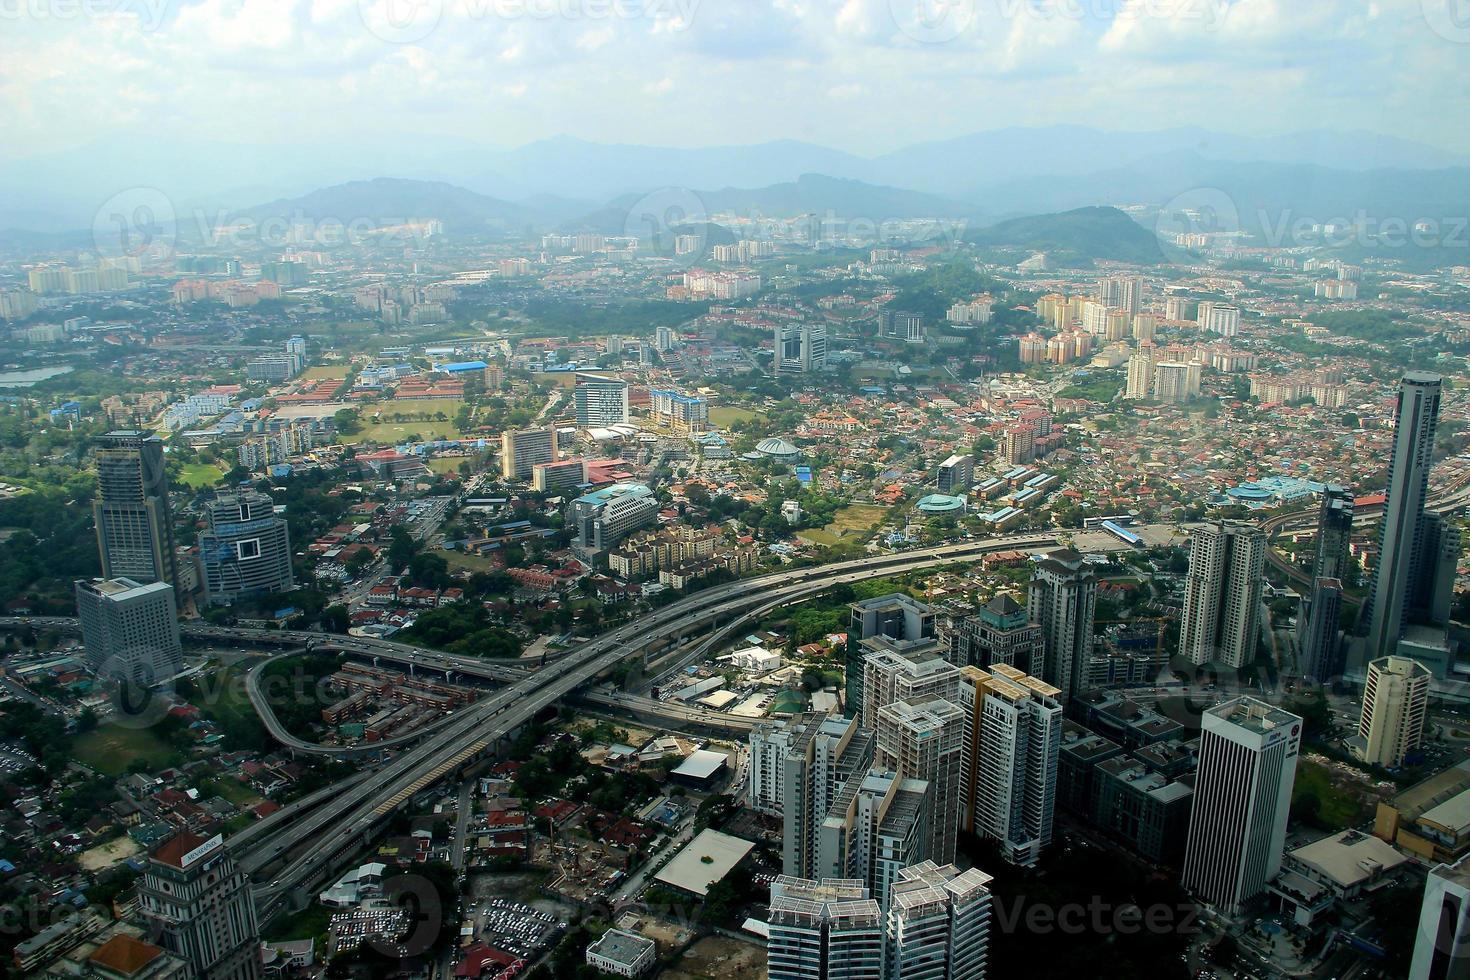 stadsgezicht - Kuala Lumpur, Maleisië foto